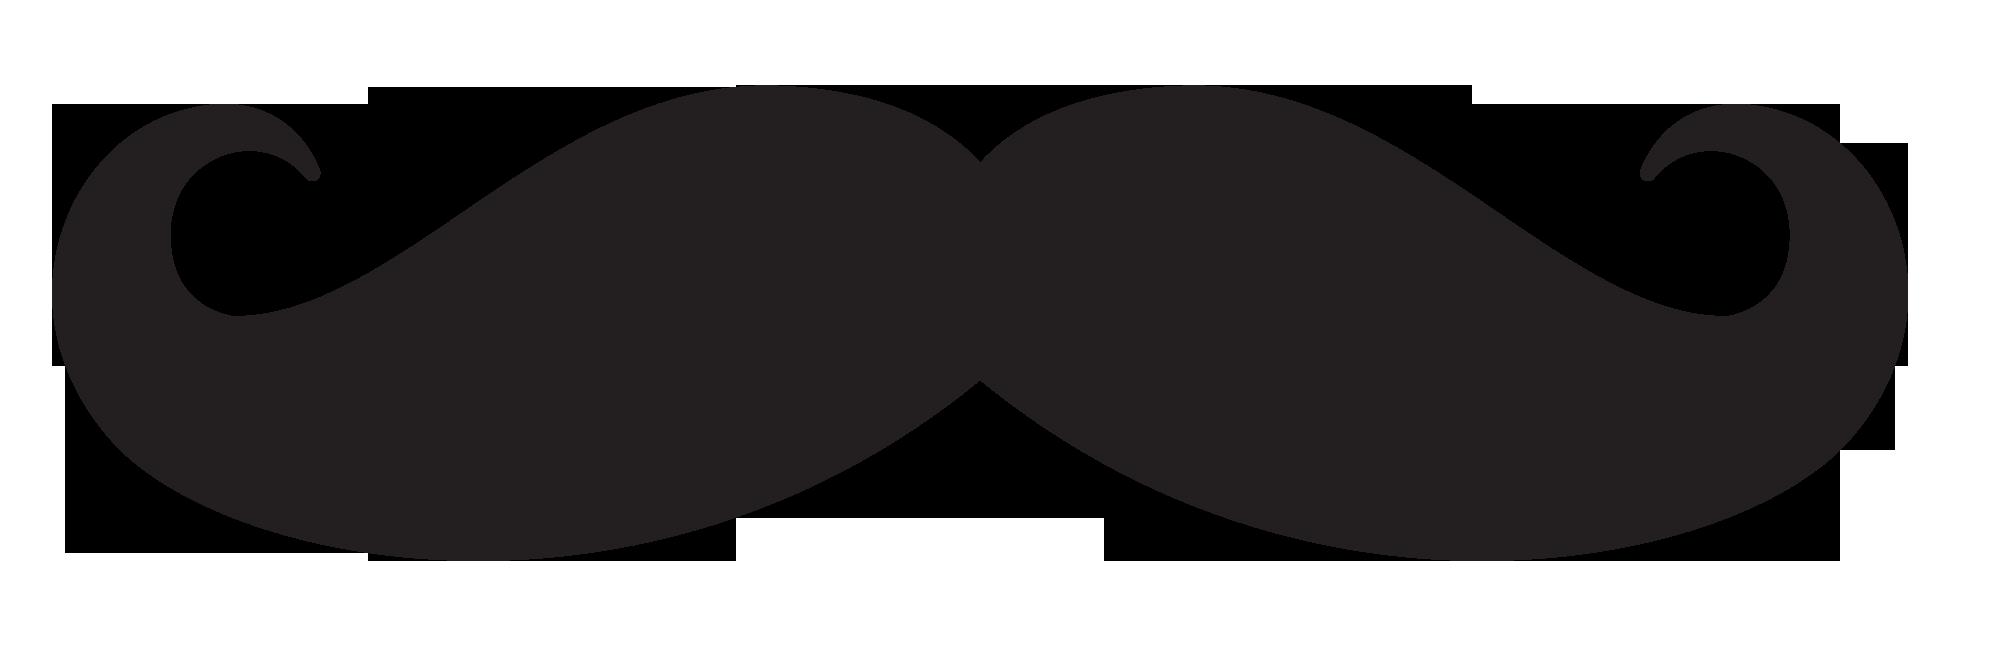 Mustache Designs Clip Art